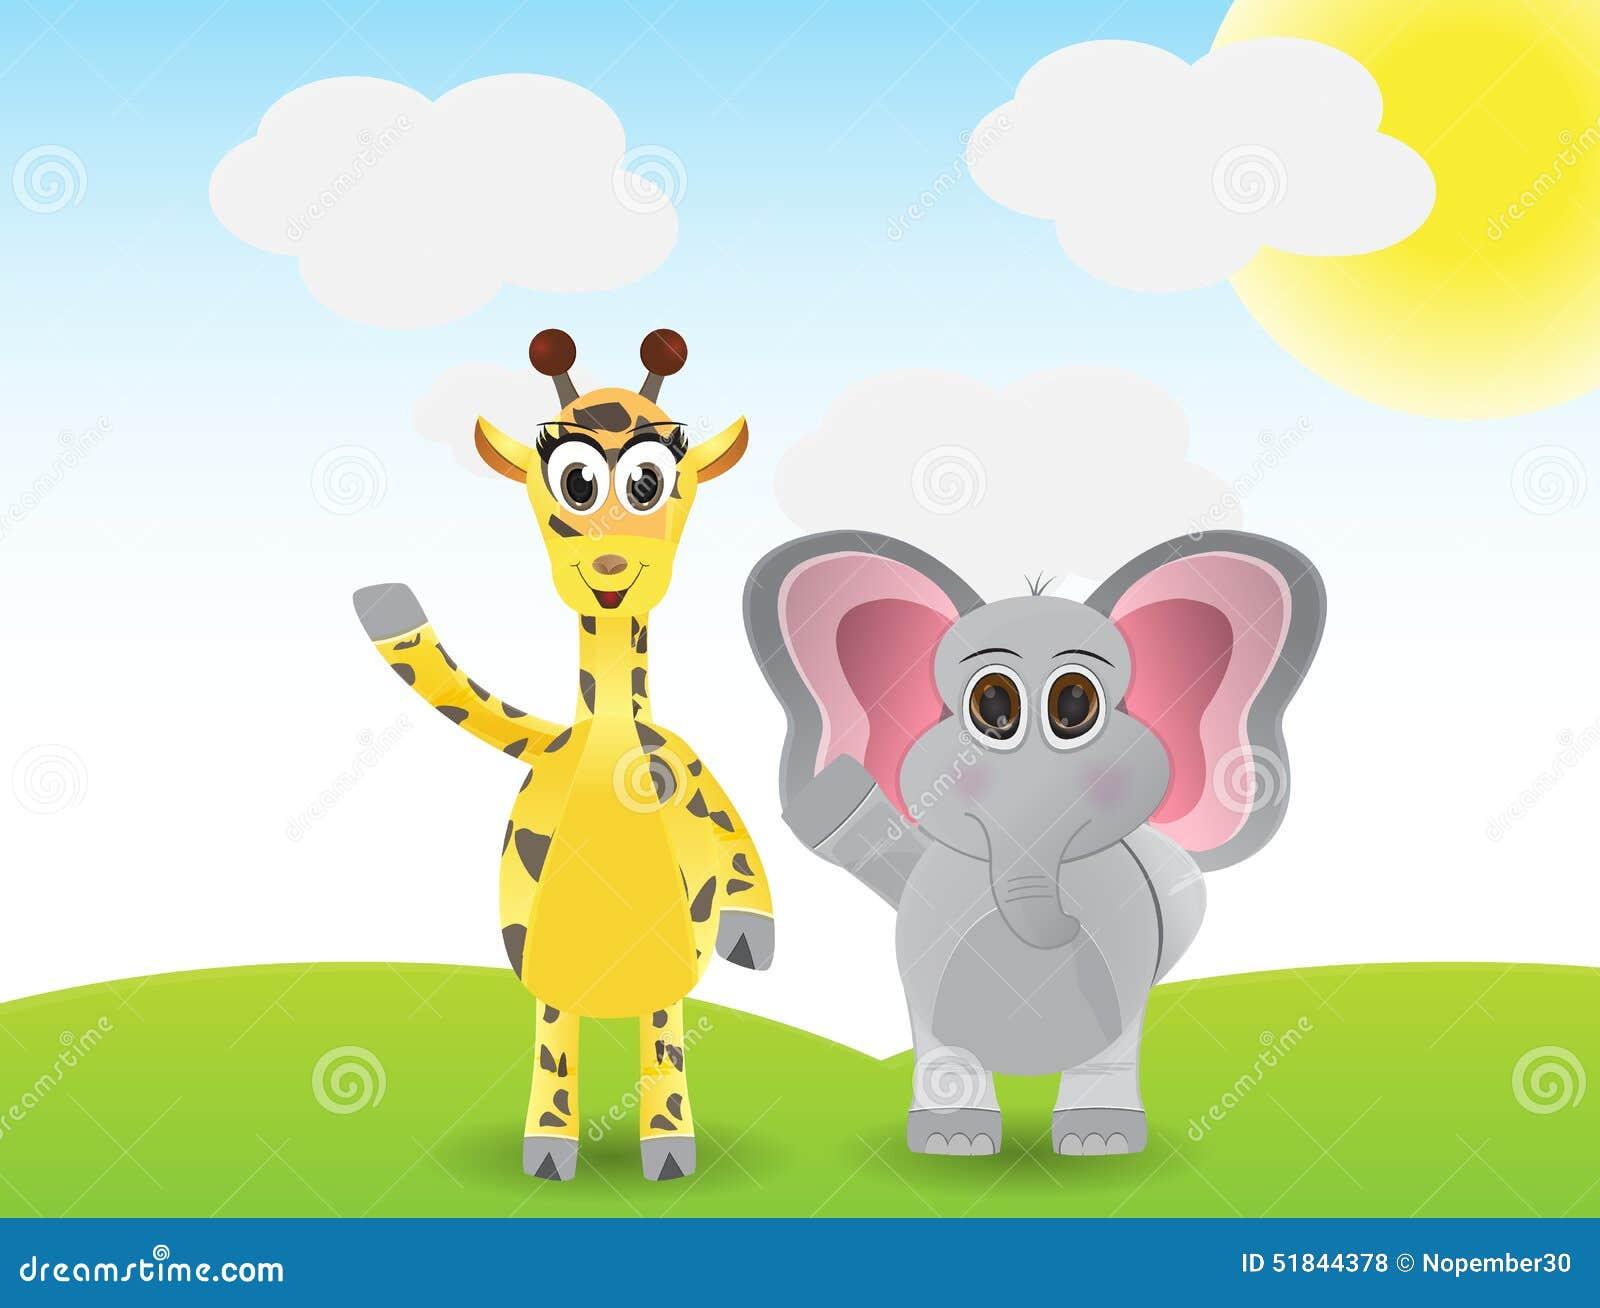 funny cartoon giraffe and elephant stock vector image 51844378